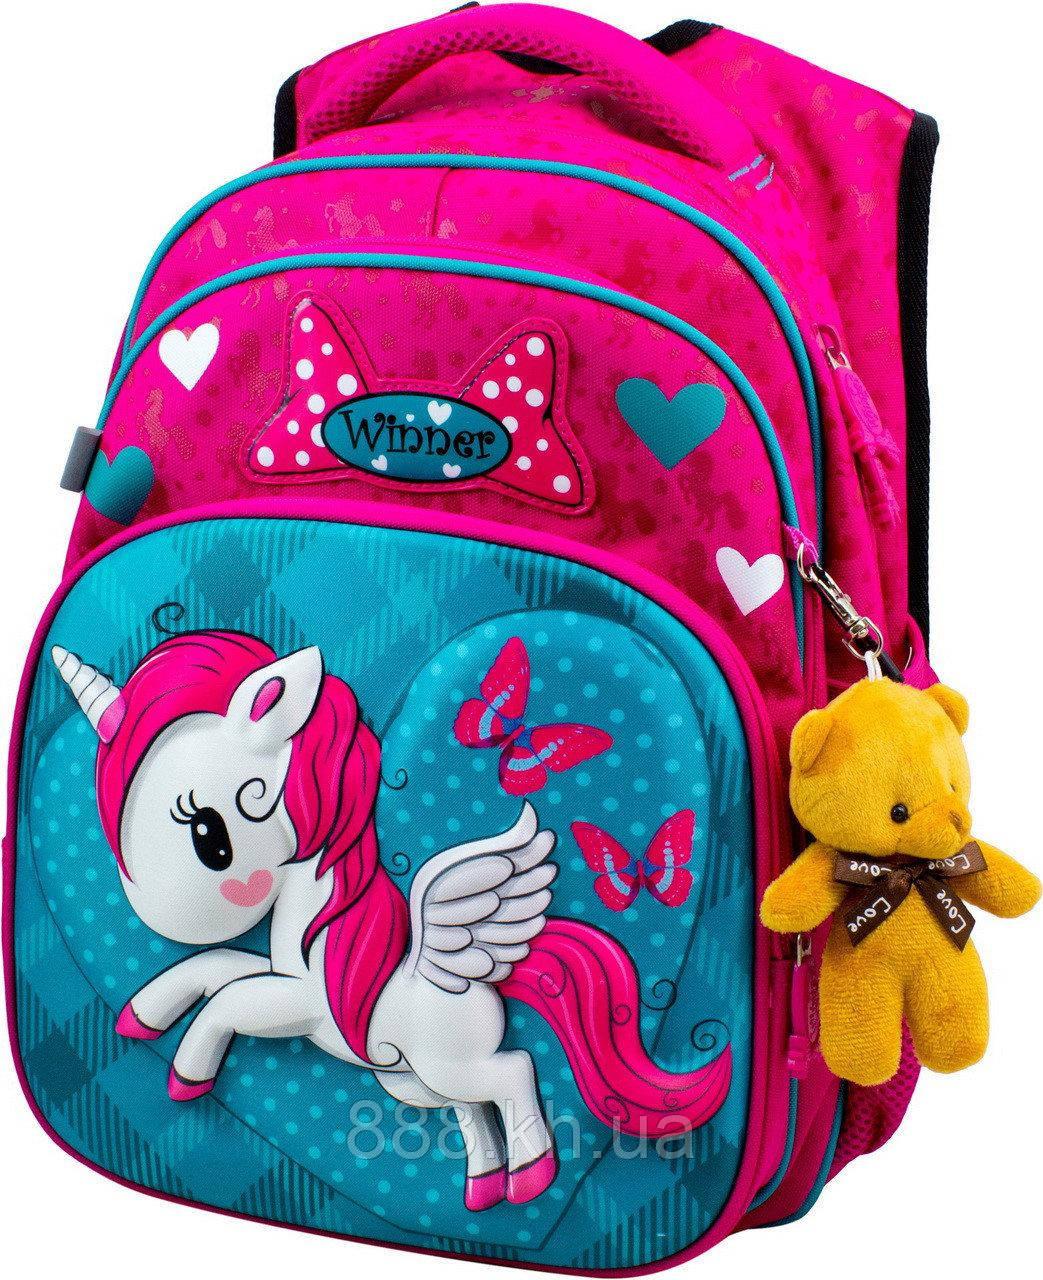 Школьный портфель единорог с дышащей спинкой winner, рюкзак ортопедический для девочек с объемным 3d рисунком